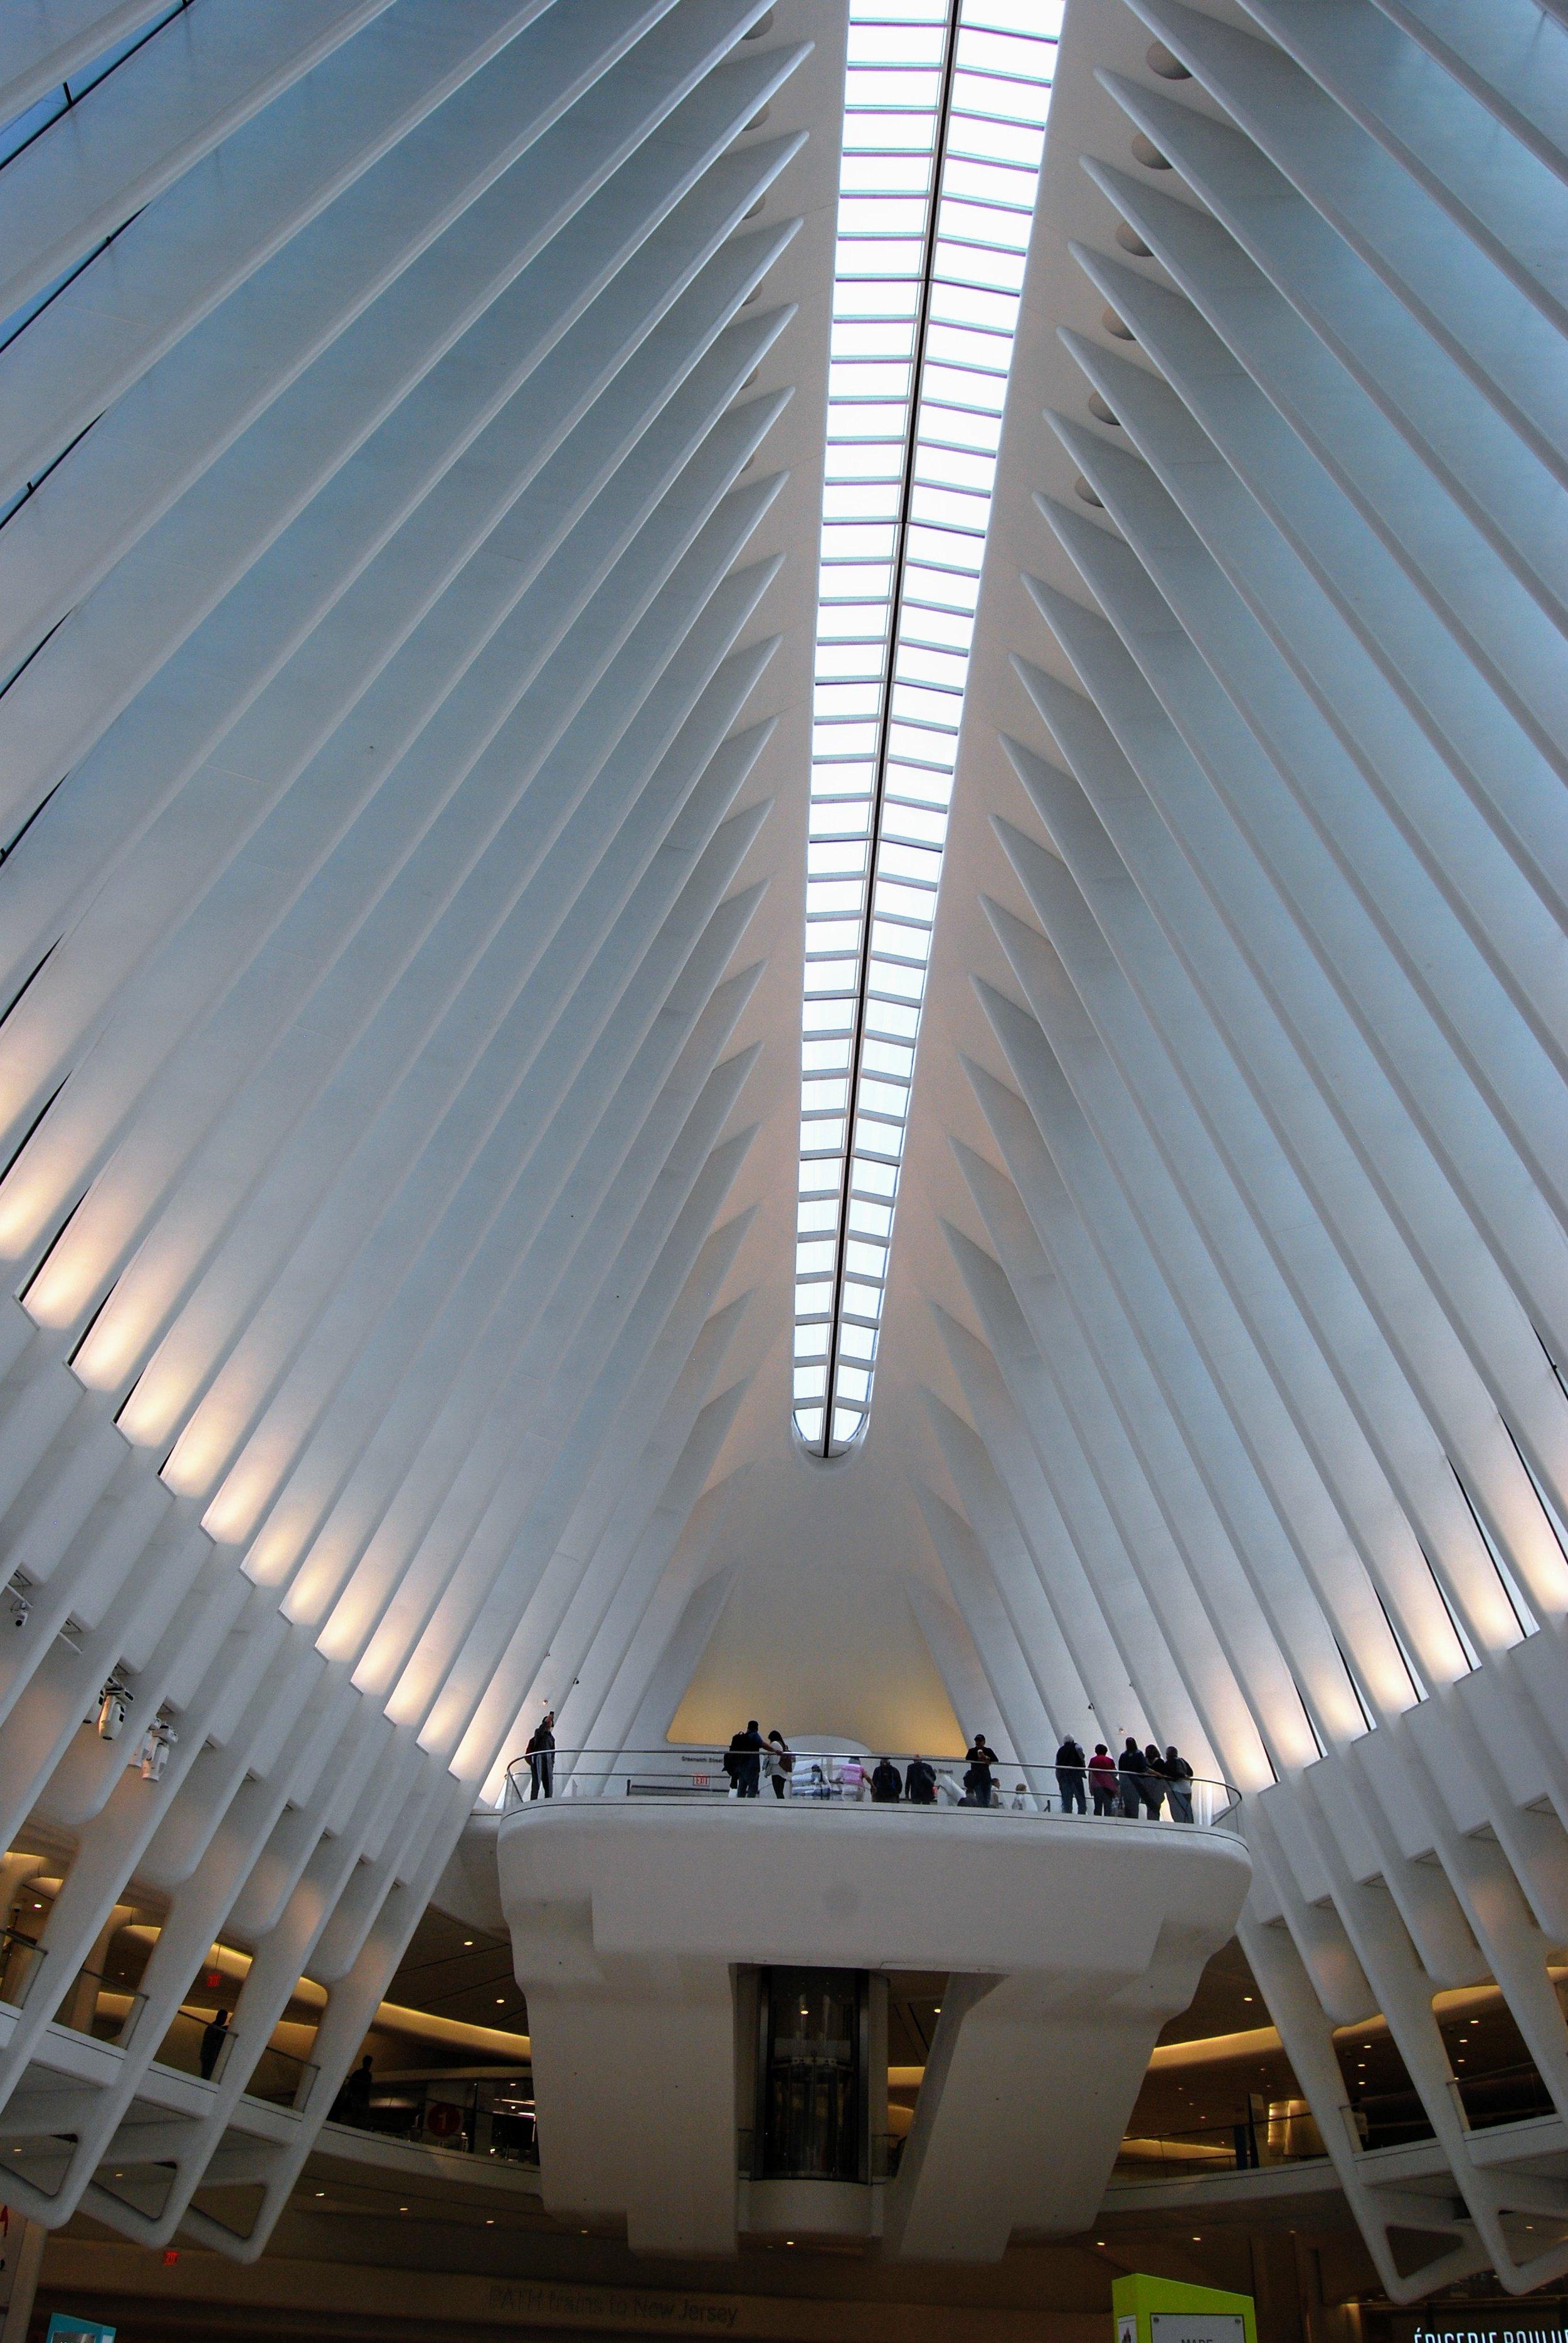 inside-the-oculus-new-york-city.JPG